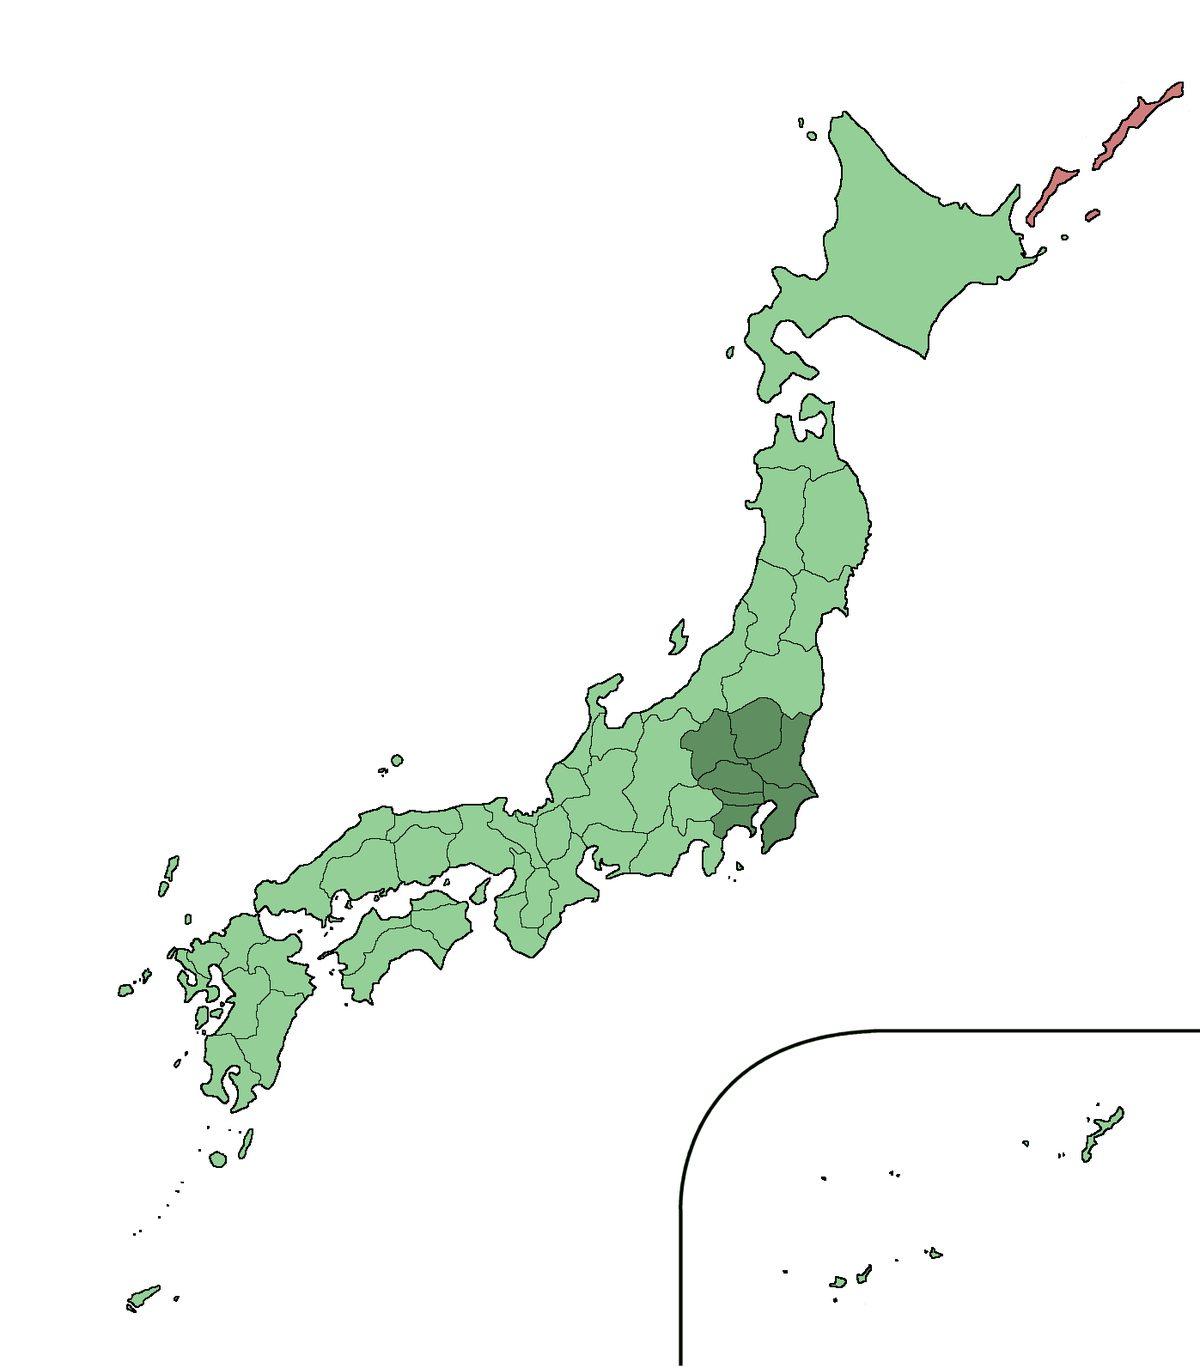 thành phố tokyo, giới thiệu về tokyo, hình ảnh tokyo, thành phố tokyo về đêm, thành phố tokyo nhật bản, thủ đô tokyo của nhật bản, hình ảnh thành phố tokyo, trung tâm tokyo, những cảnh đẹp ở tokyo nhật bản, tokyo nhật, tokyo thuộc miền nào nhật bản, tokyo ở miền nào nhật bản, hoàng cung tokyo nhật bản, tokyo là thành phố như thế nào, thành phố tokyo ở nhật bản, thành phố tokyo của nhật bản, thông tin về thành phố tokyo, giới thiệu về thành phố tokyo, trung tâm thành phố tokyo, thông tin về tokyo, đất nước nhật bản thành phố tokyo, tokyo nhật bản có gì đẹp, tokyo thủ đô của nhật bản xưa gọi là gì